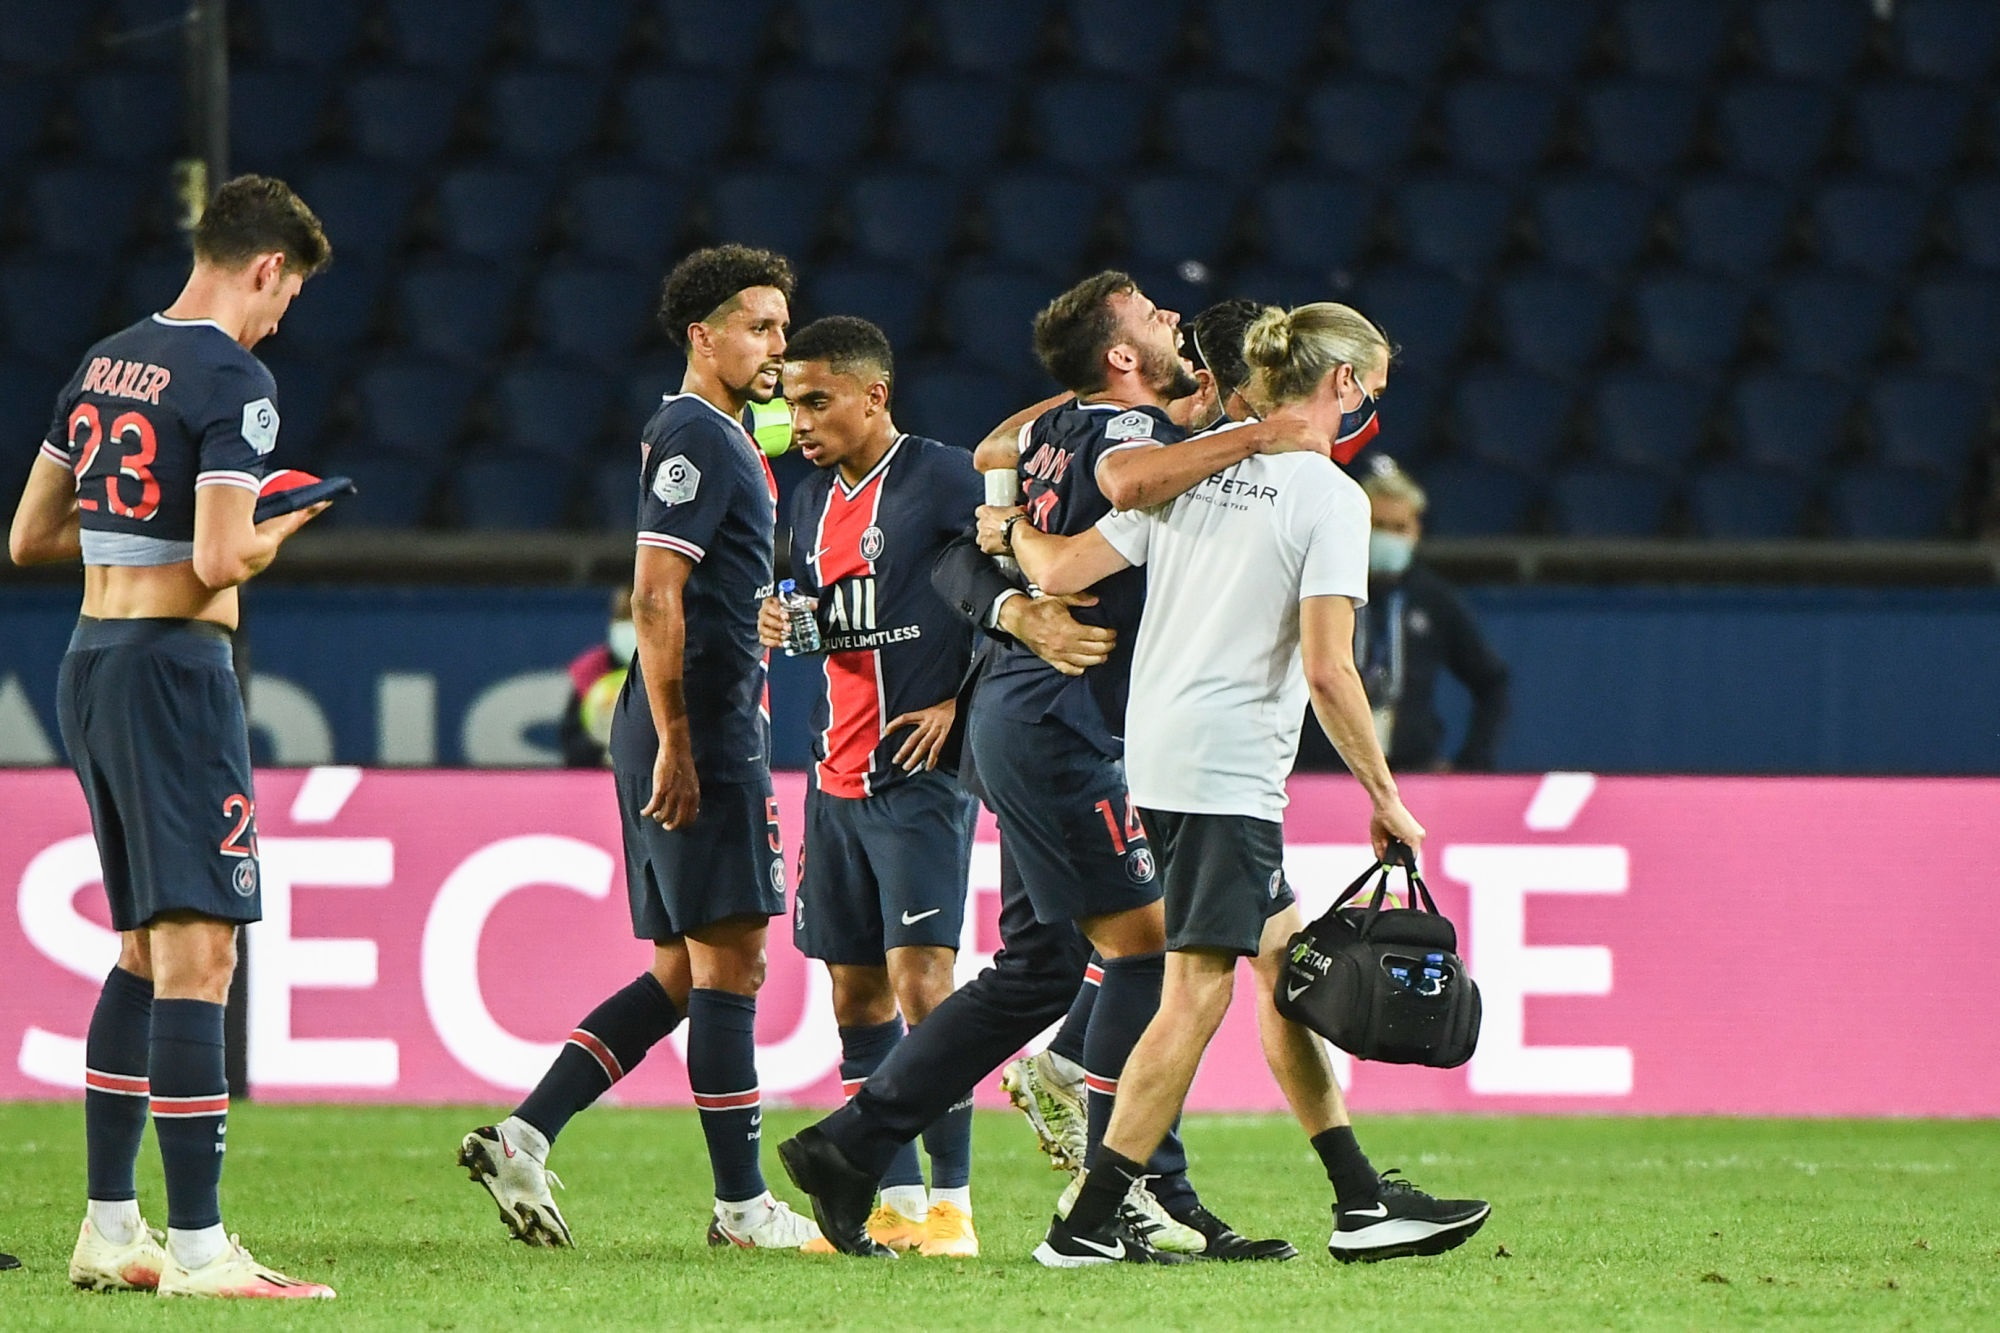 Officiel - Rupture du ligament croisé pour Bernat, Mbappé, Kehrer et Verratti sur le retour